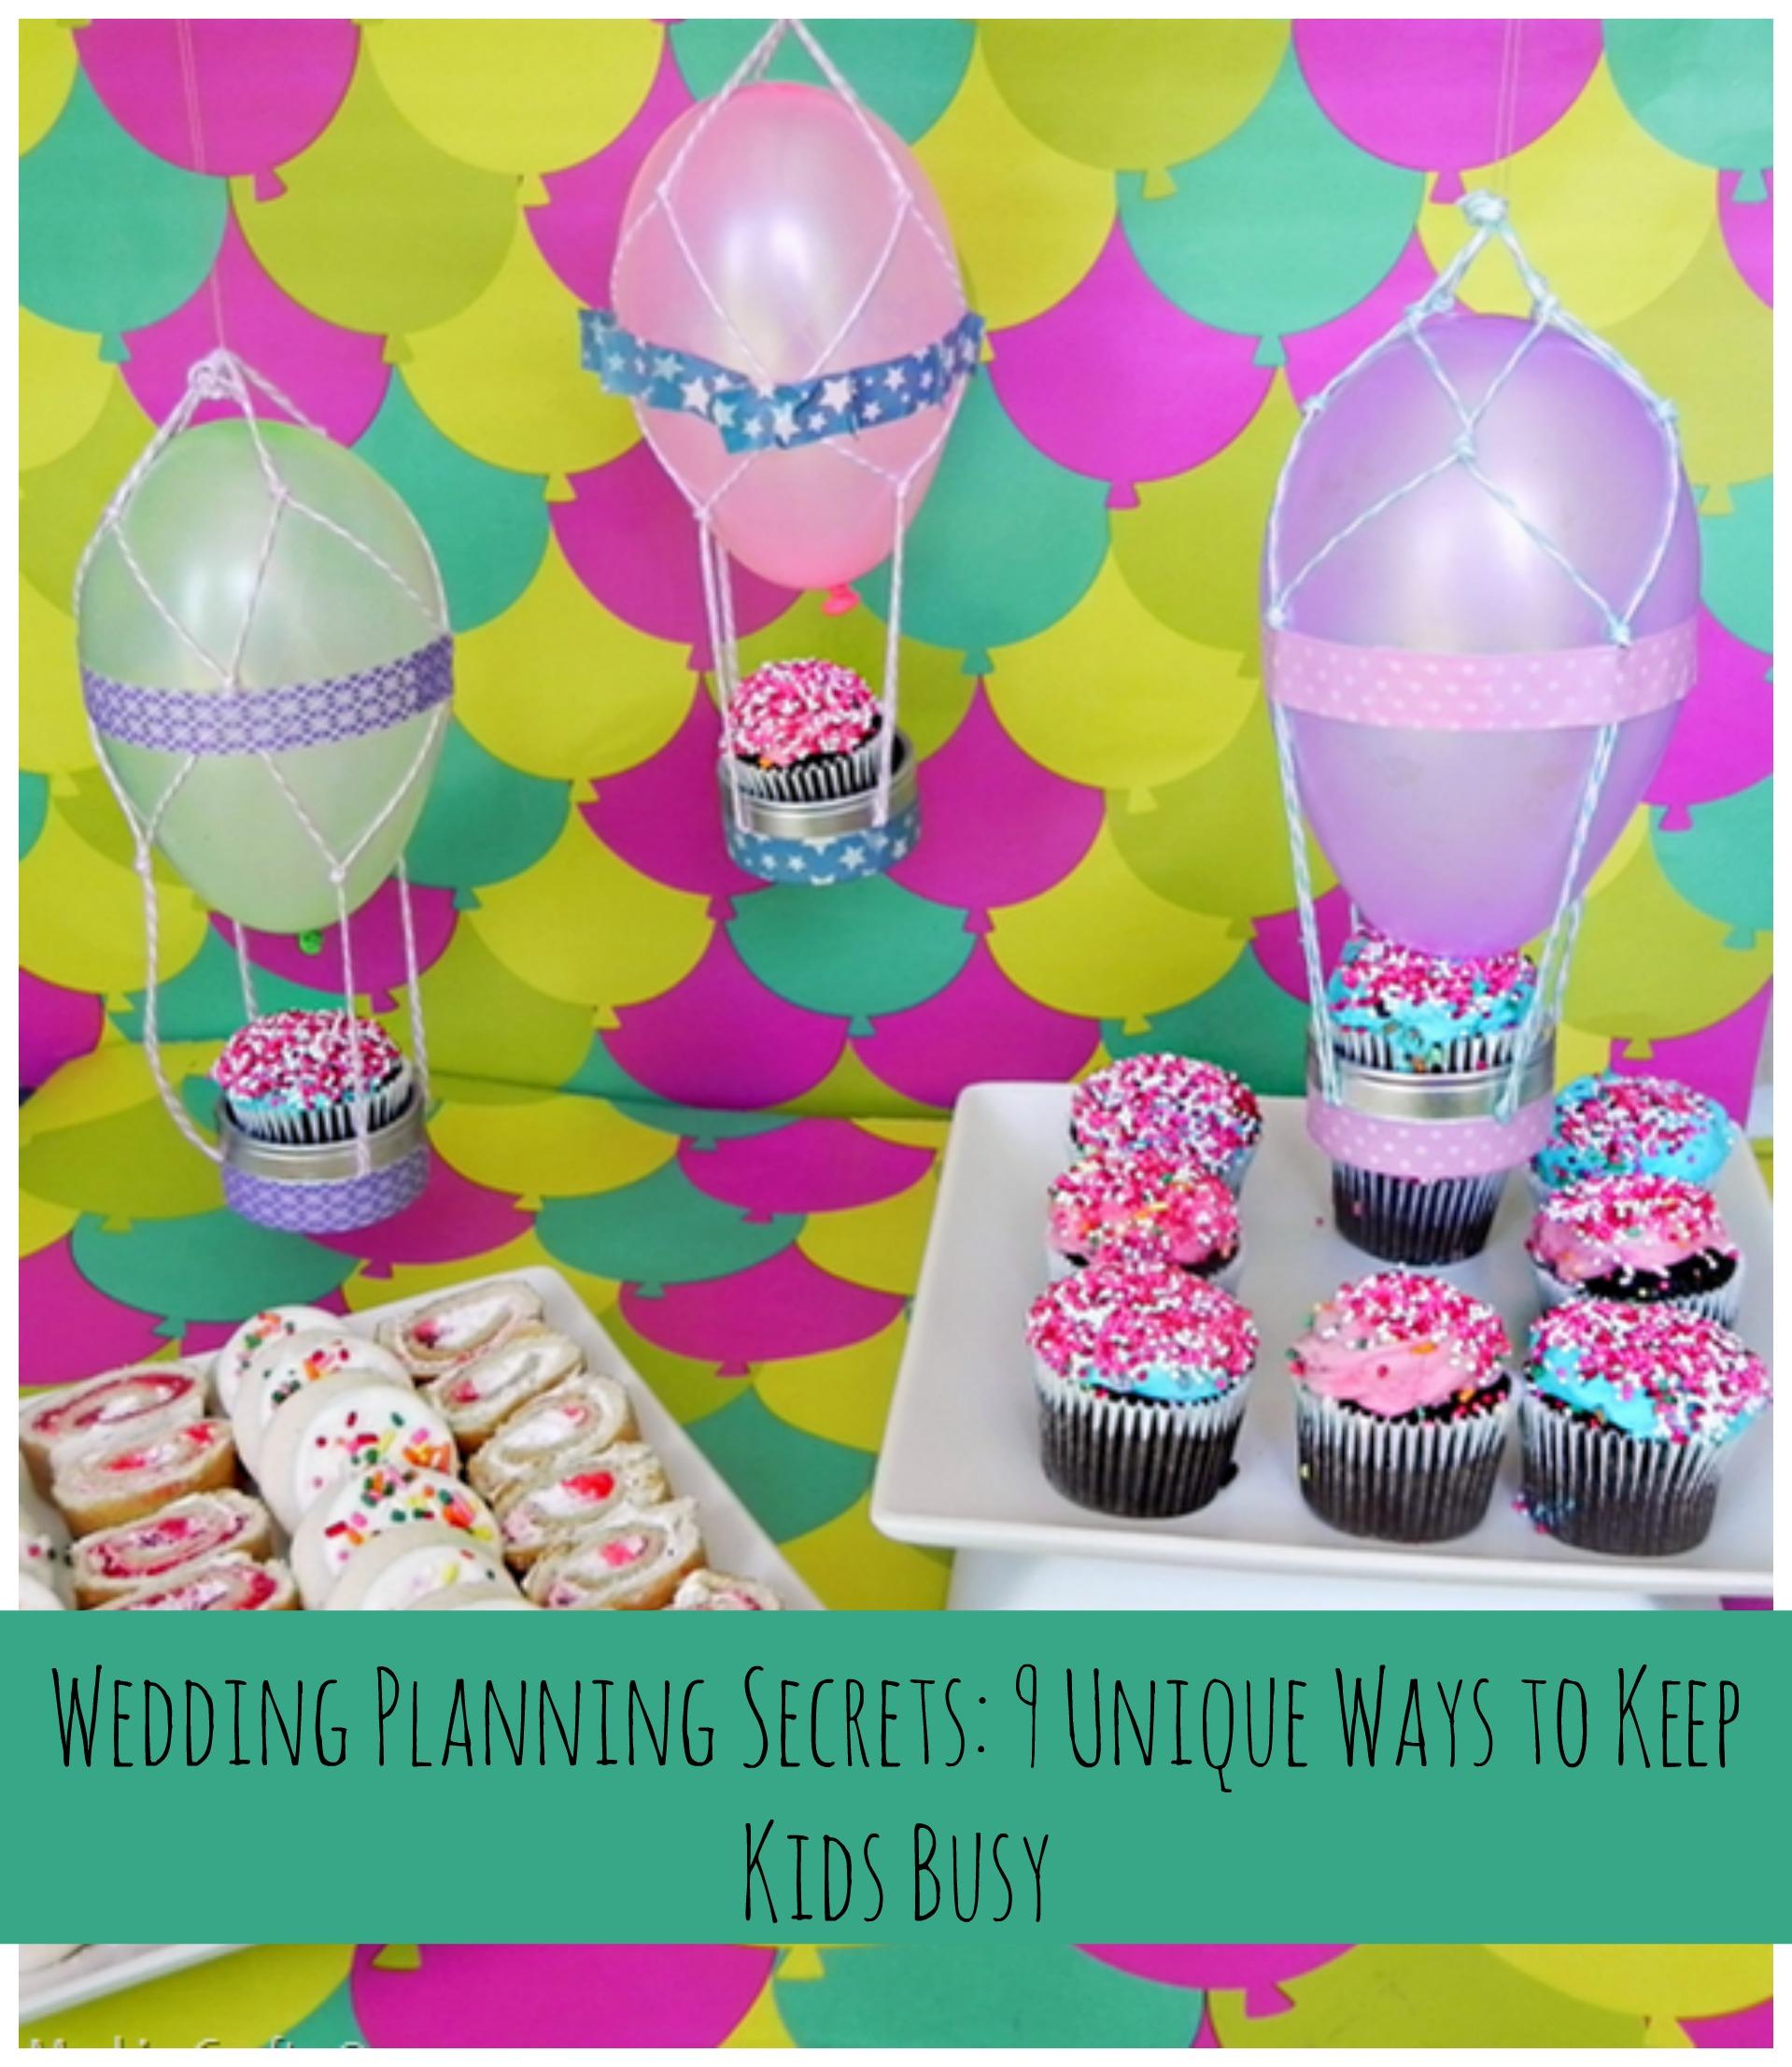 Wedding Ideas For Kids: Wedding Planning Tips: Kid-Friendly Wedding Ideas